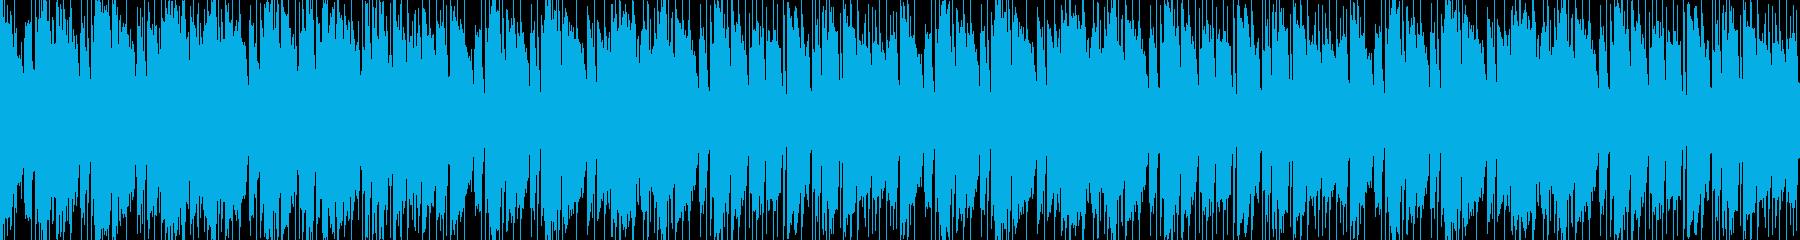 紅葉感ある和風バラード生演奏エレキギターの再生済みの波形